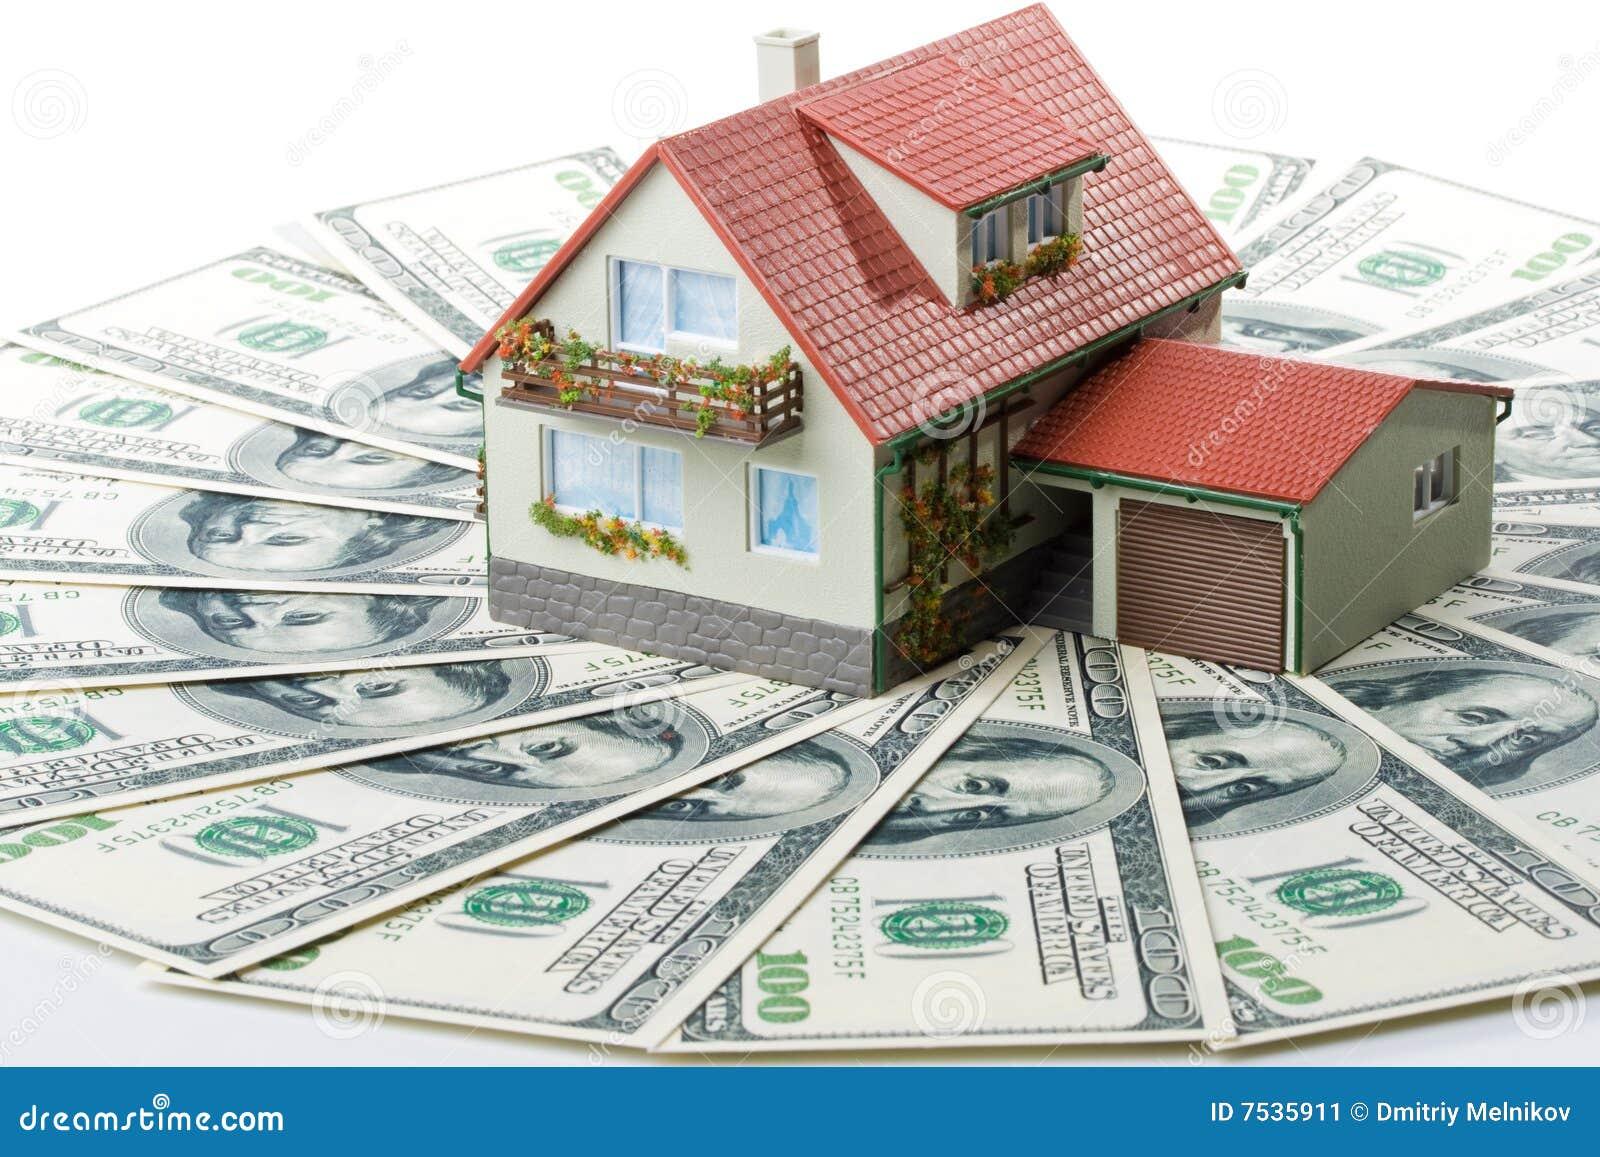 займ на развитие бизнеса под залог недвижимости